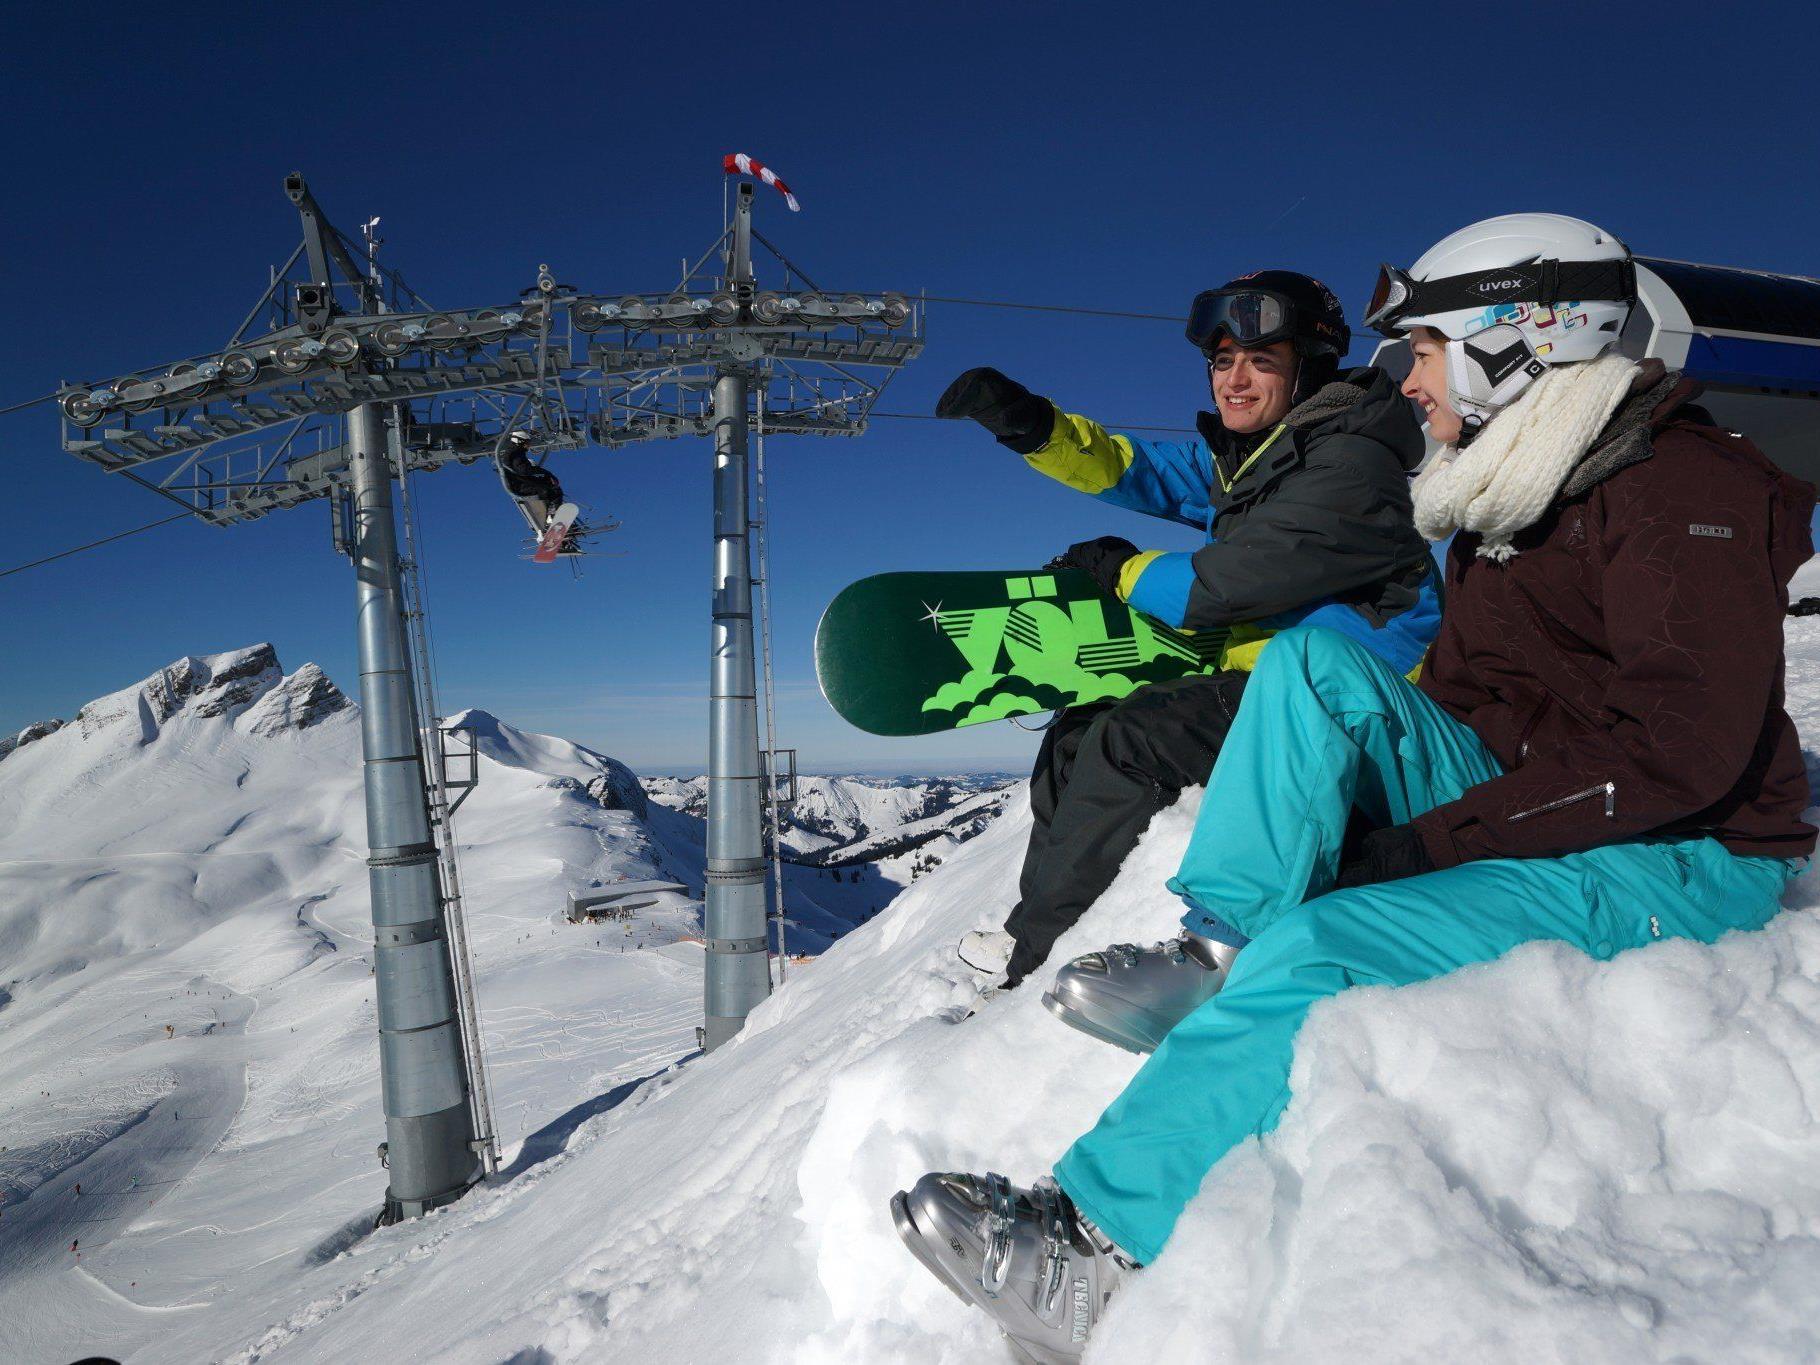 Die Einheimischen-Tarife in Vorarlbergs Skigebieten bröckeln. Grund ist eine unsichere Rechtslage.